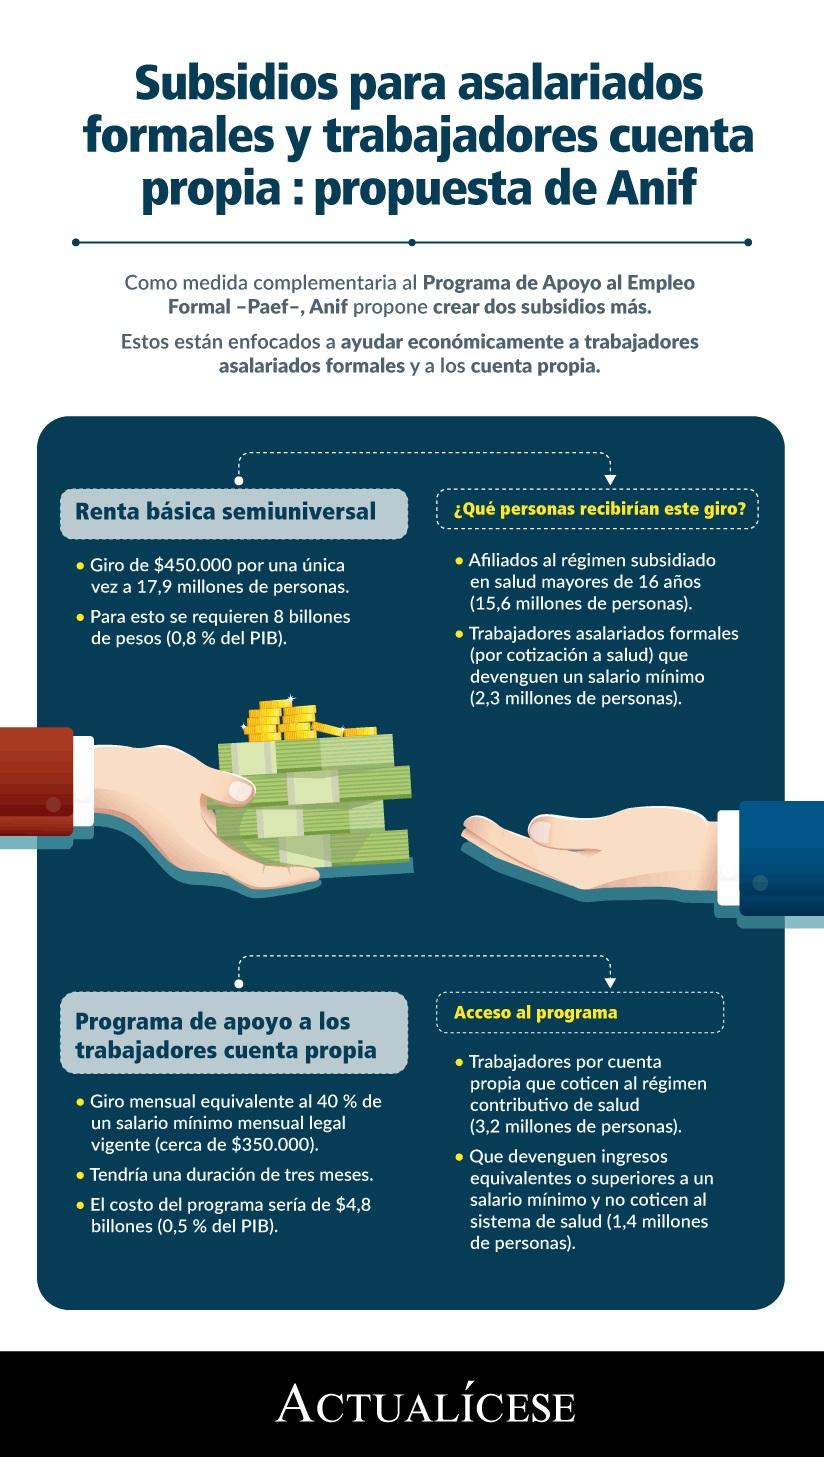 [Infografía] Subsidios para asalariados formales y trabajadores cuenta propia: propuesta de Anif